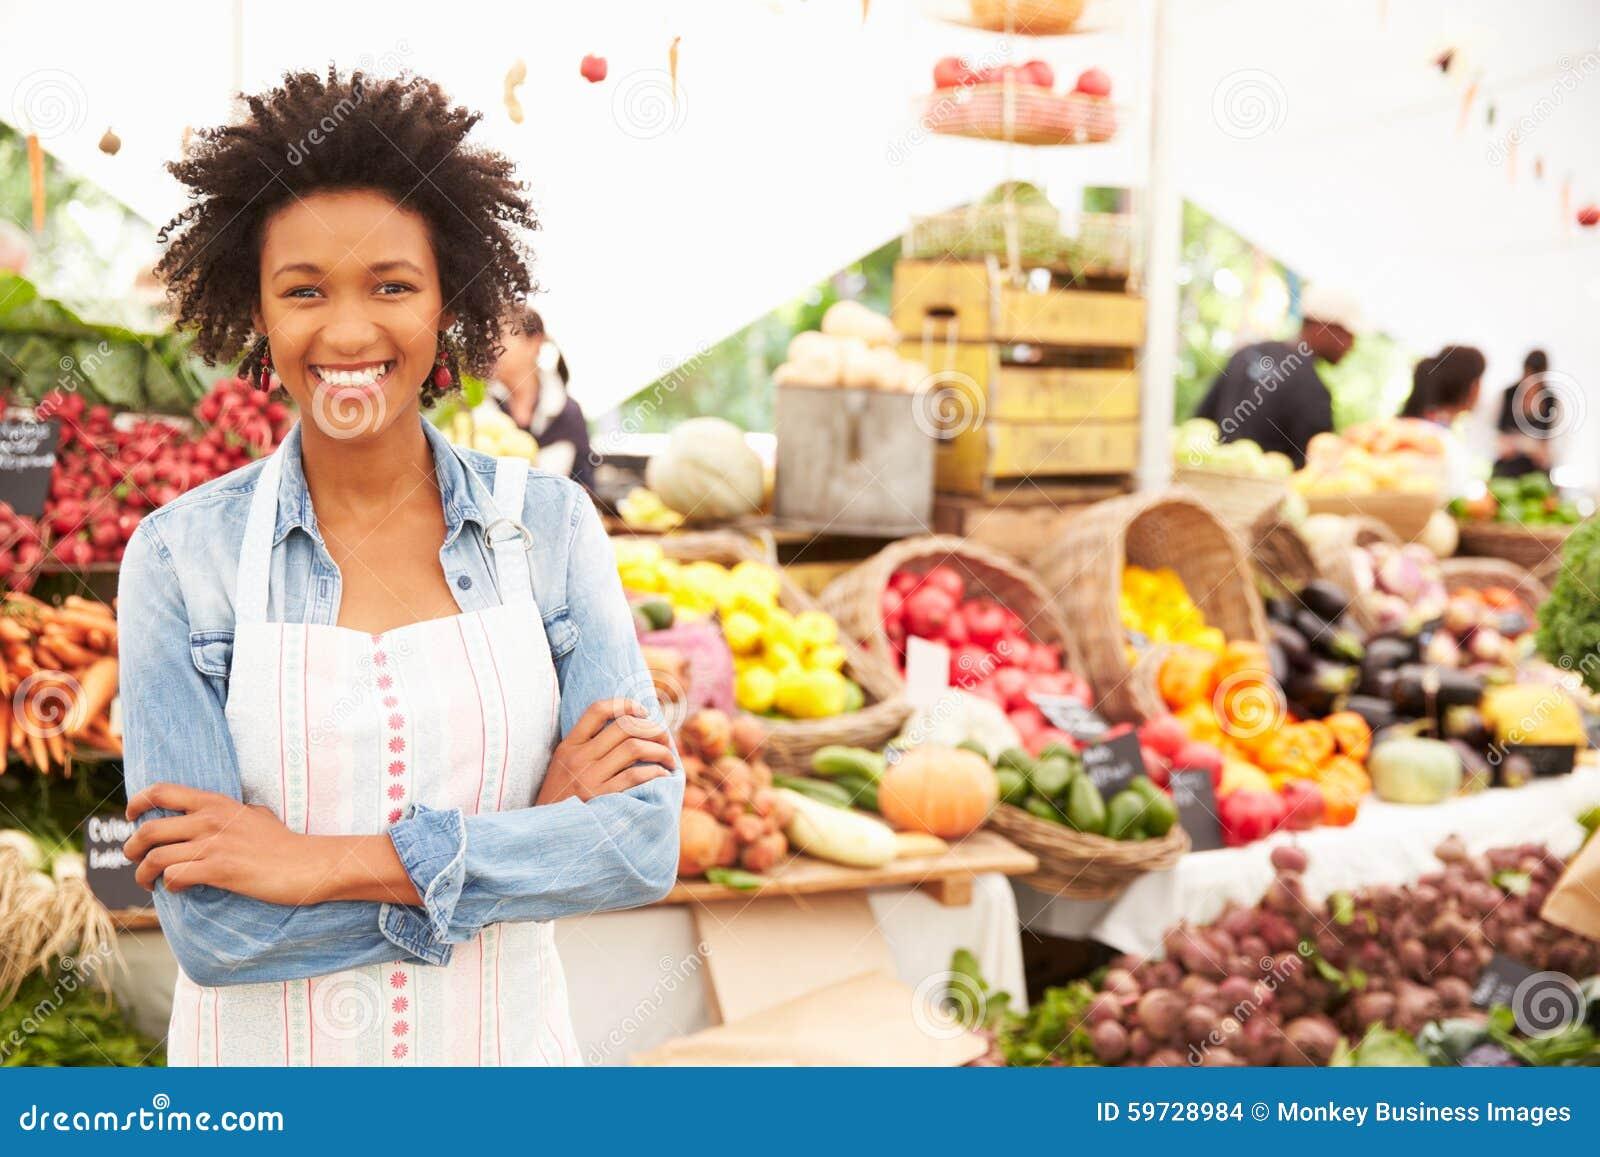 Weiblicher Stall-Halter am Landwirt-neues Lebensmittel-Markt